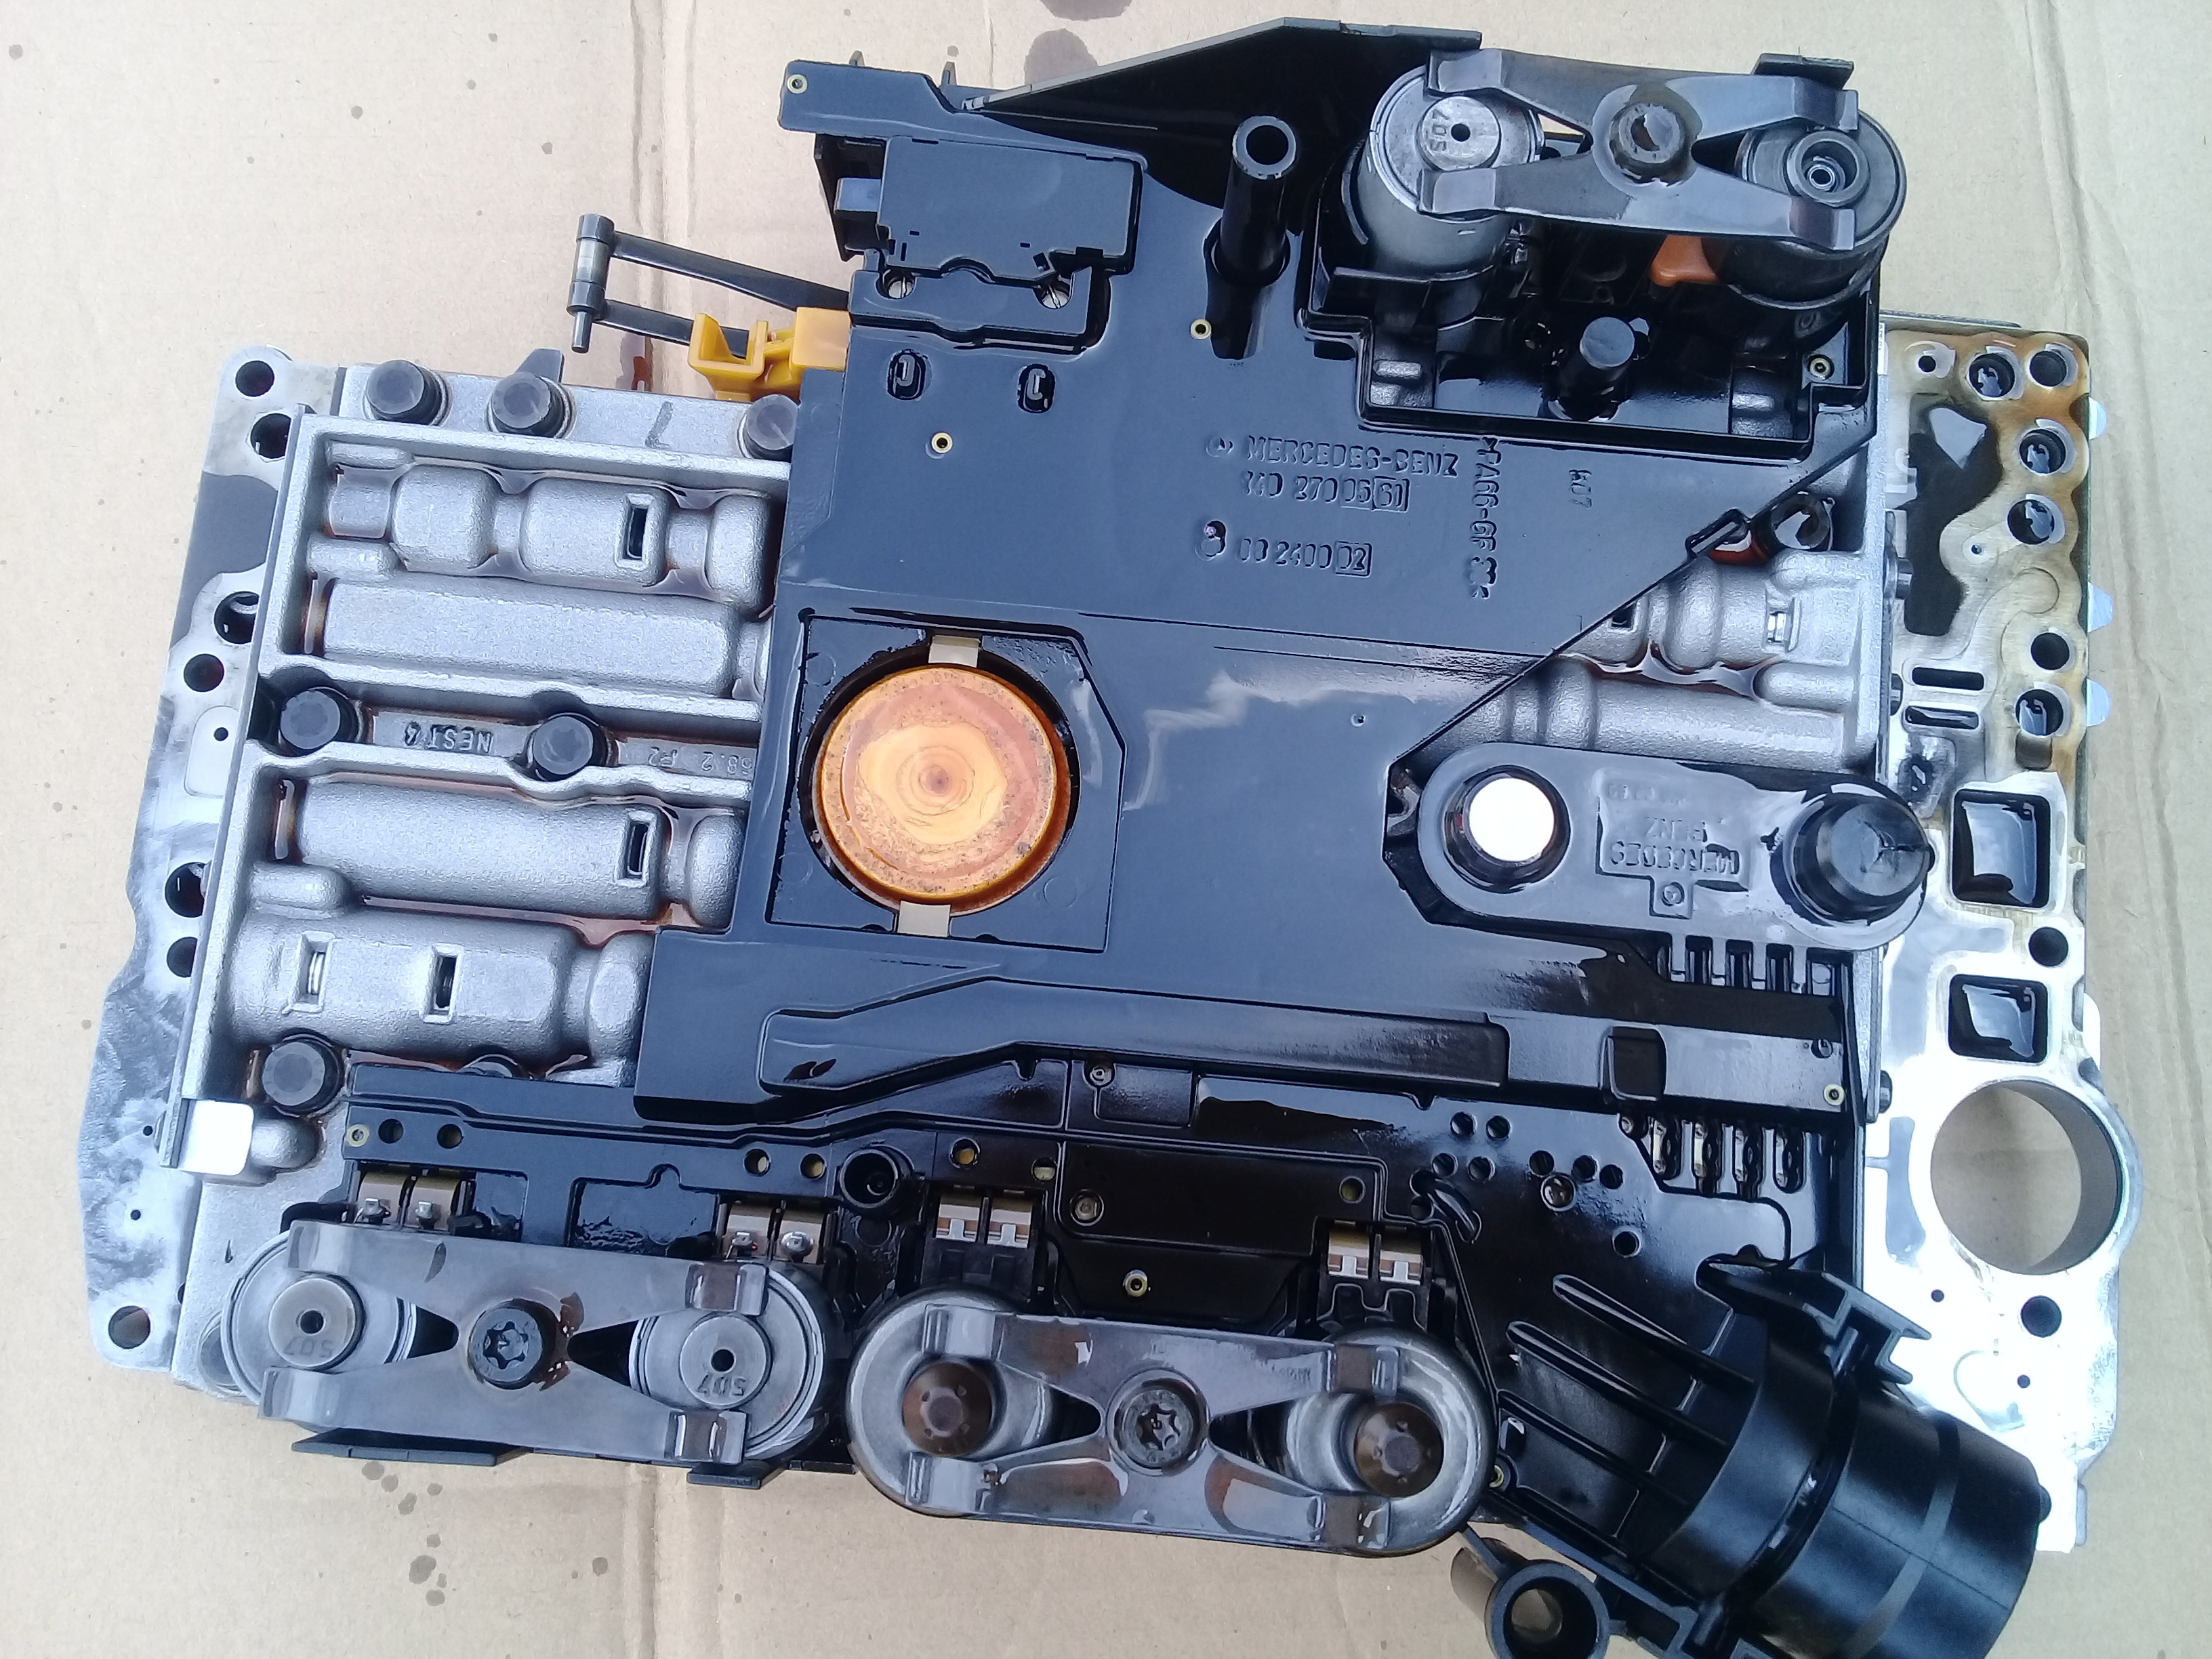 W211 Limp Mode